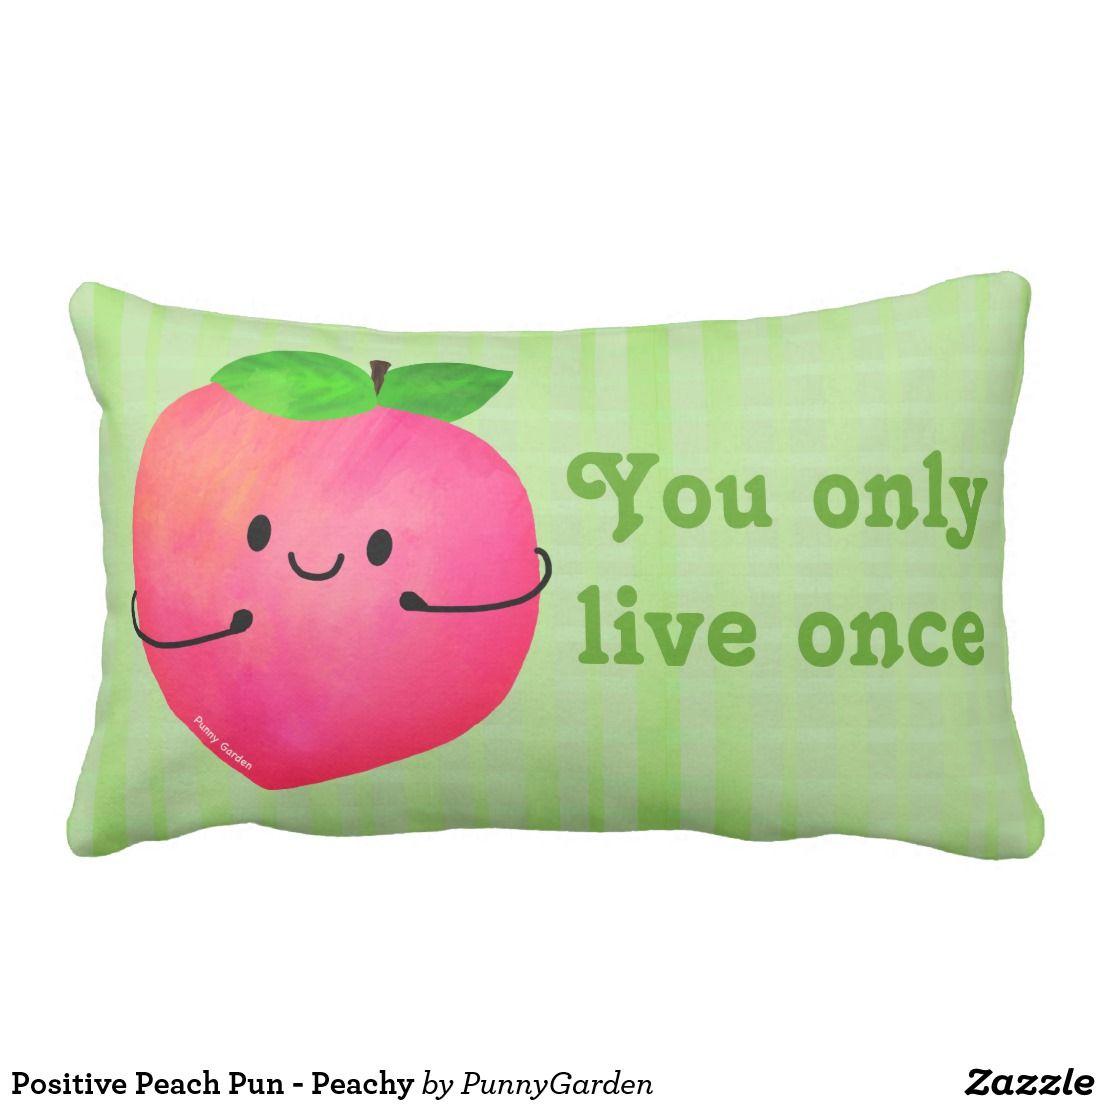 Positive Peach Pun - Peachy Lumbar Pillow | Zazzle.com